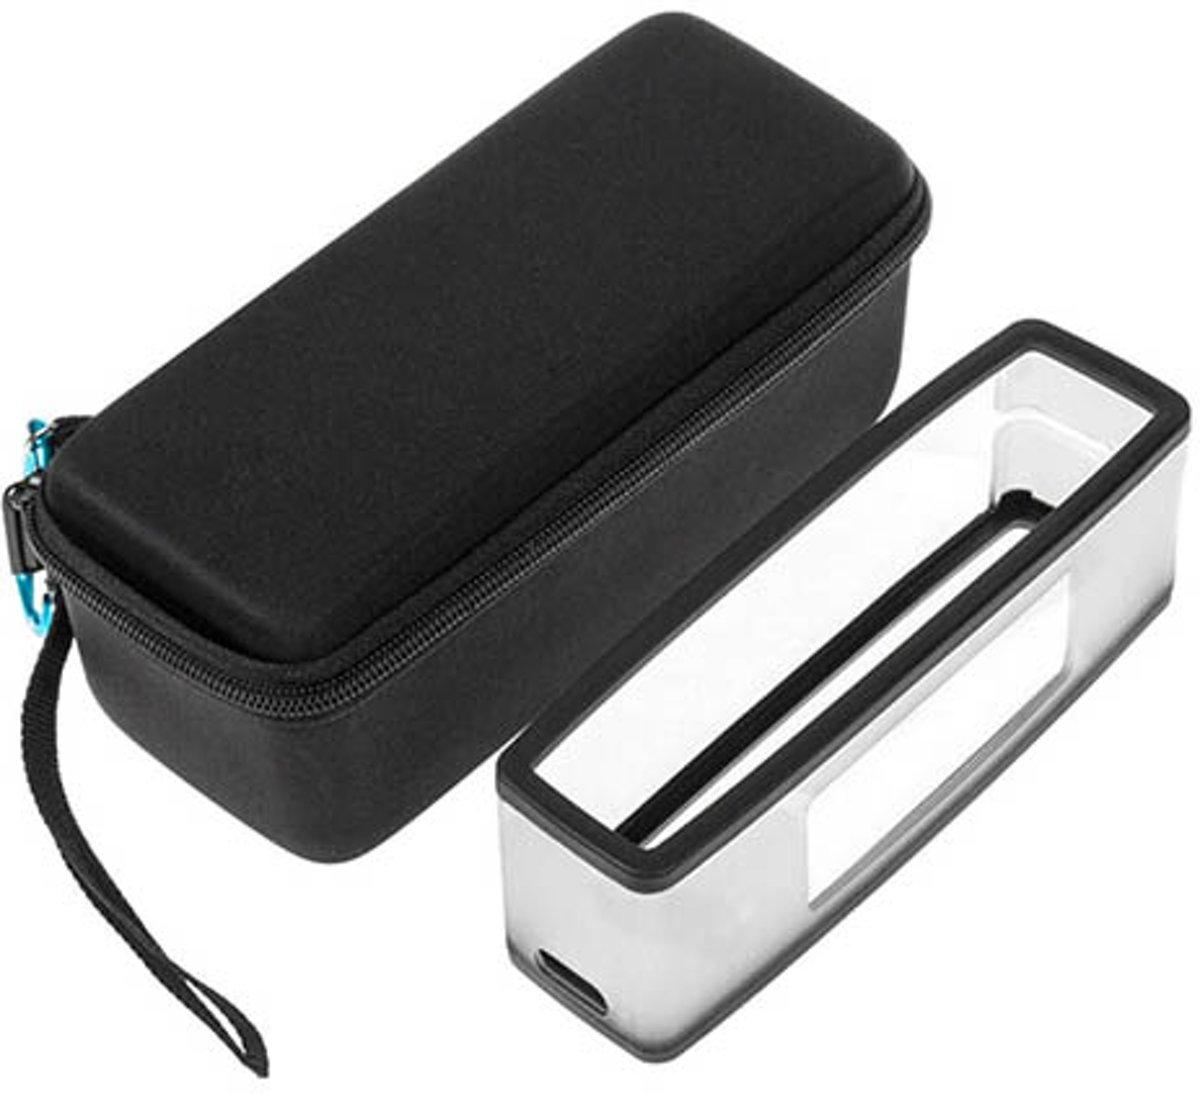 Bose Soundlink hardcase + silicone | 2in1| Beschermhoes voor de Bose Soundlink | Met extra ruimte voor de oplader kopen